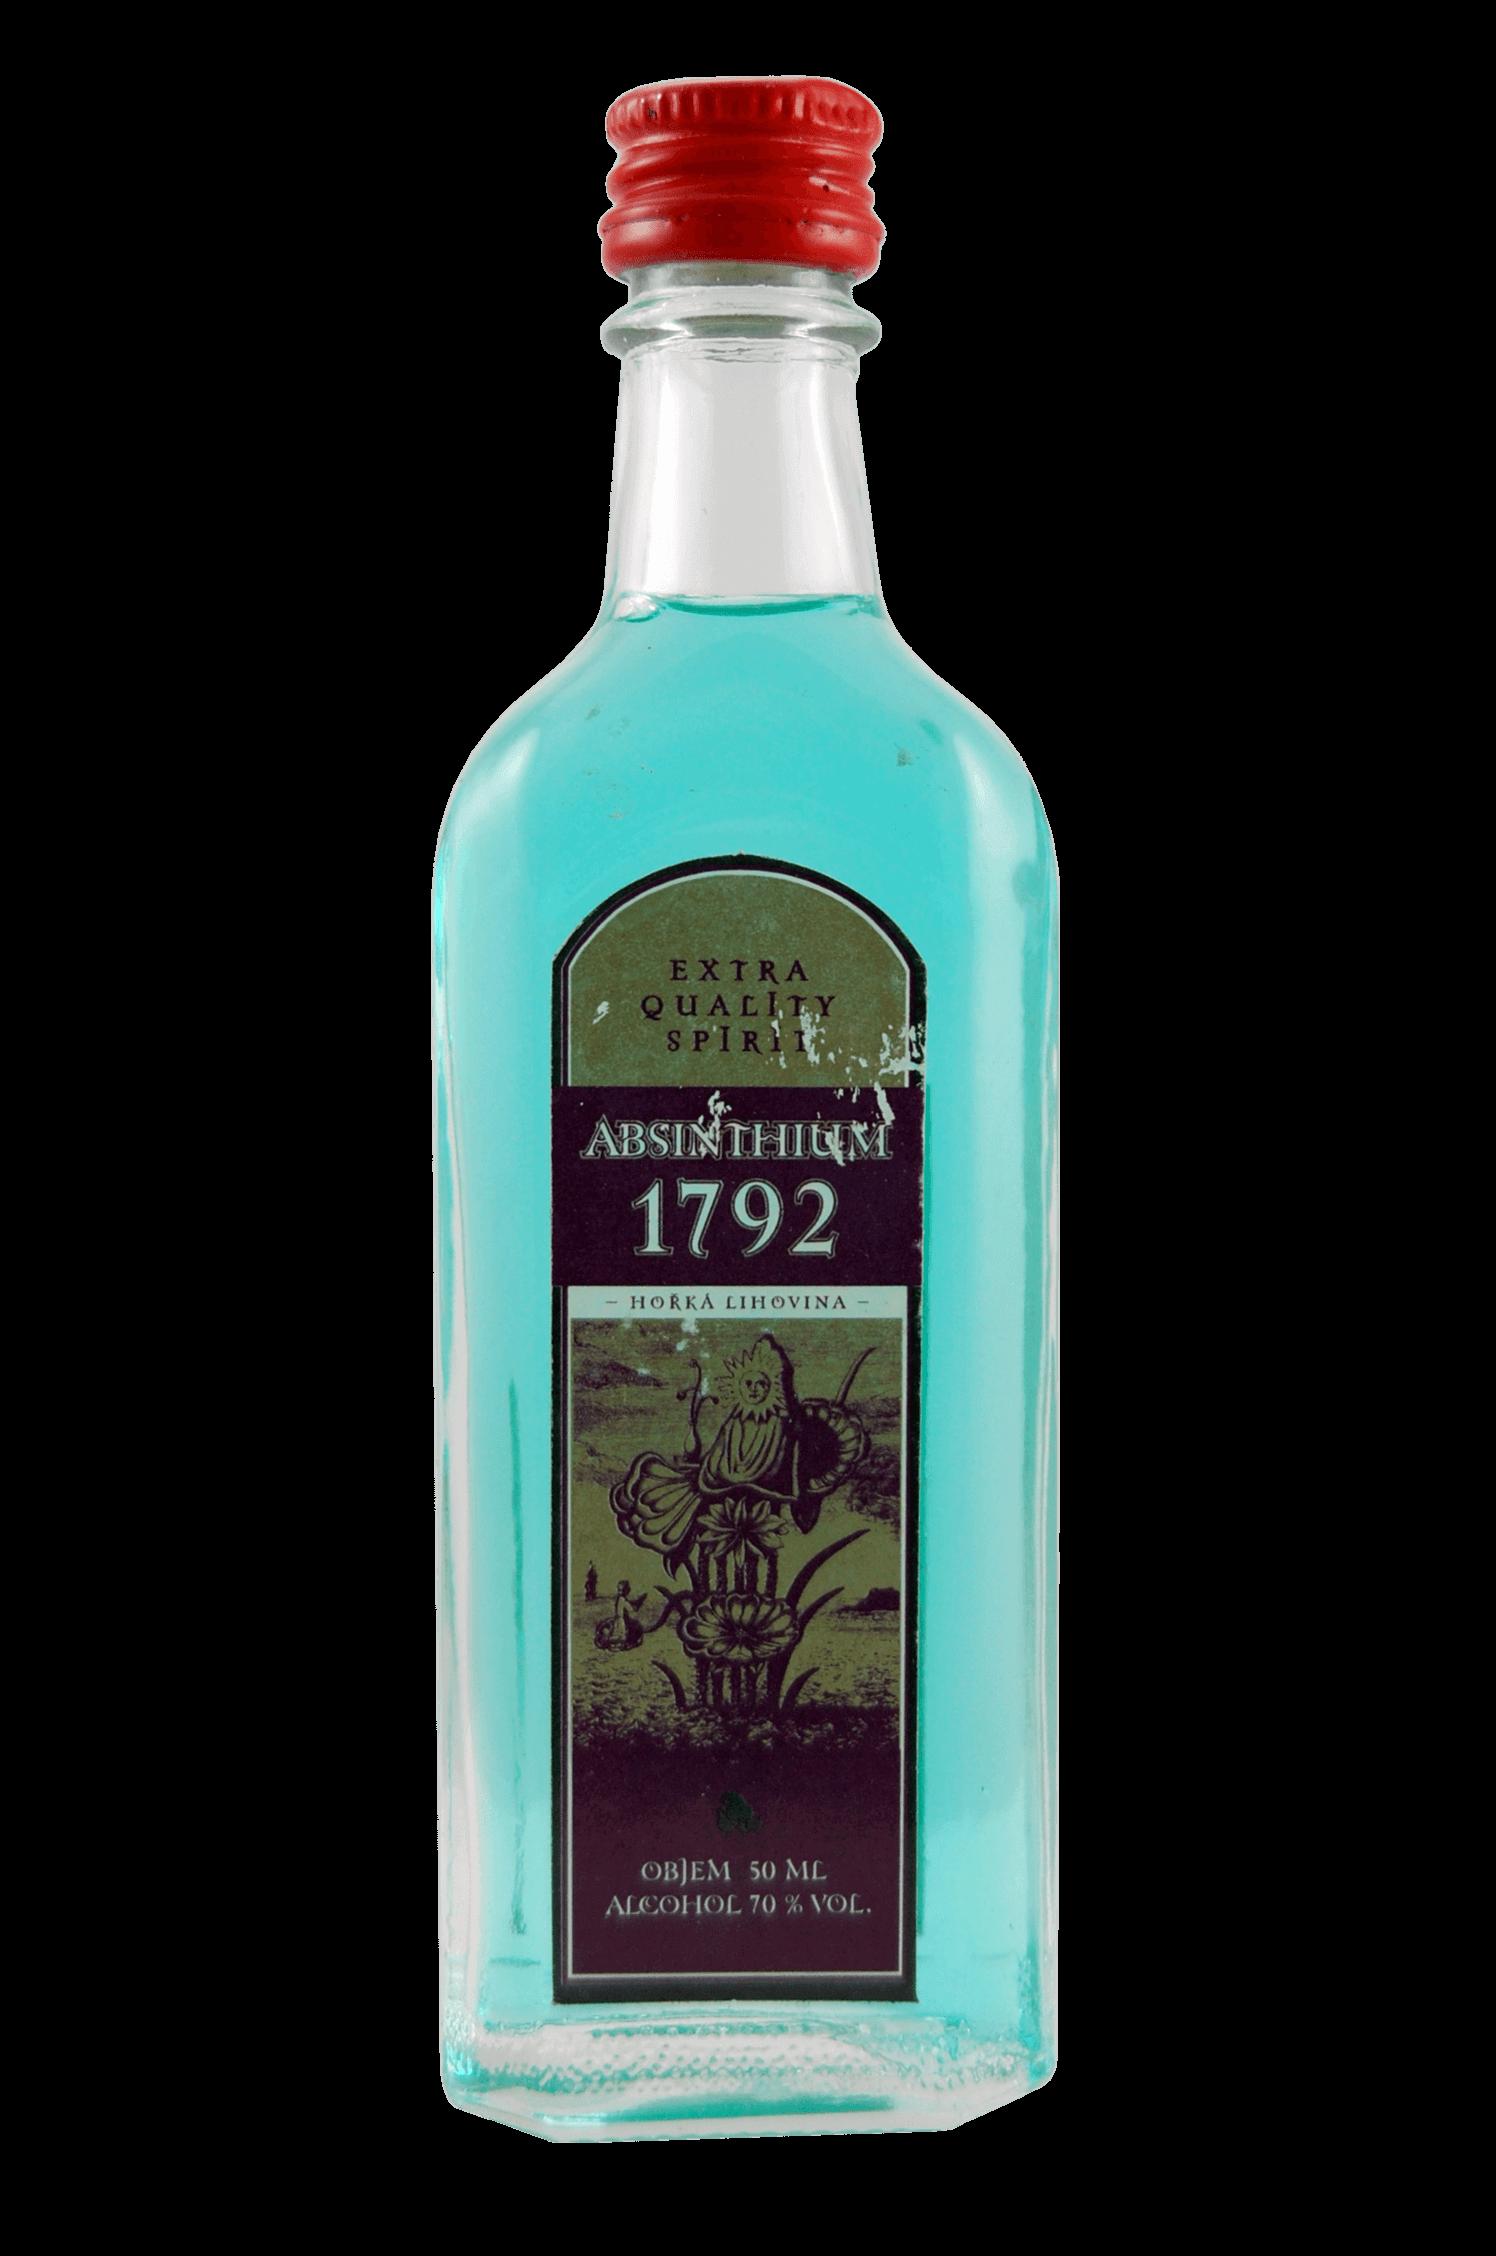 Absinthium 1792